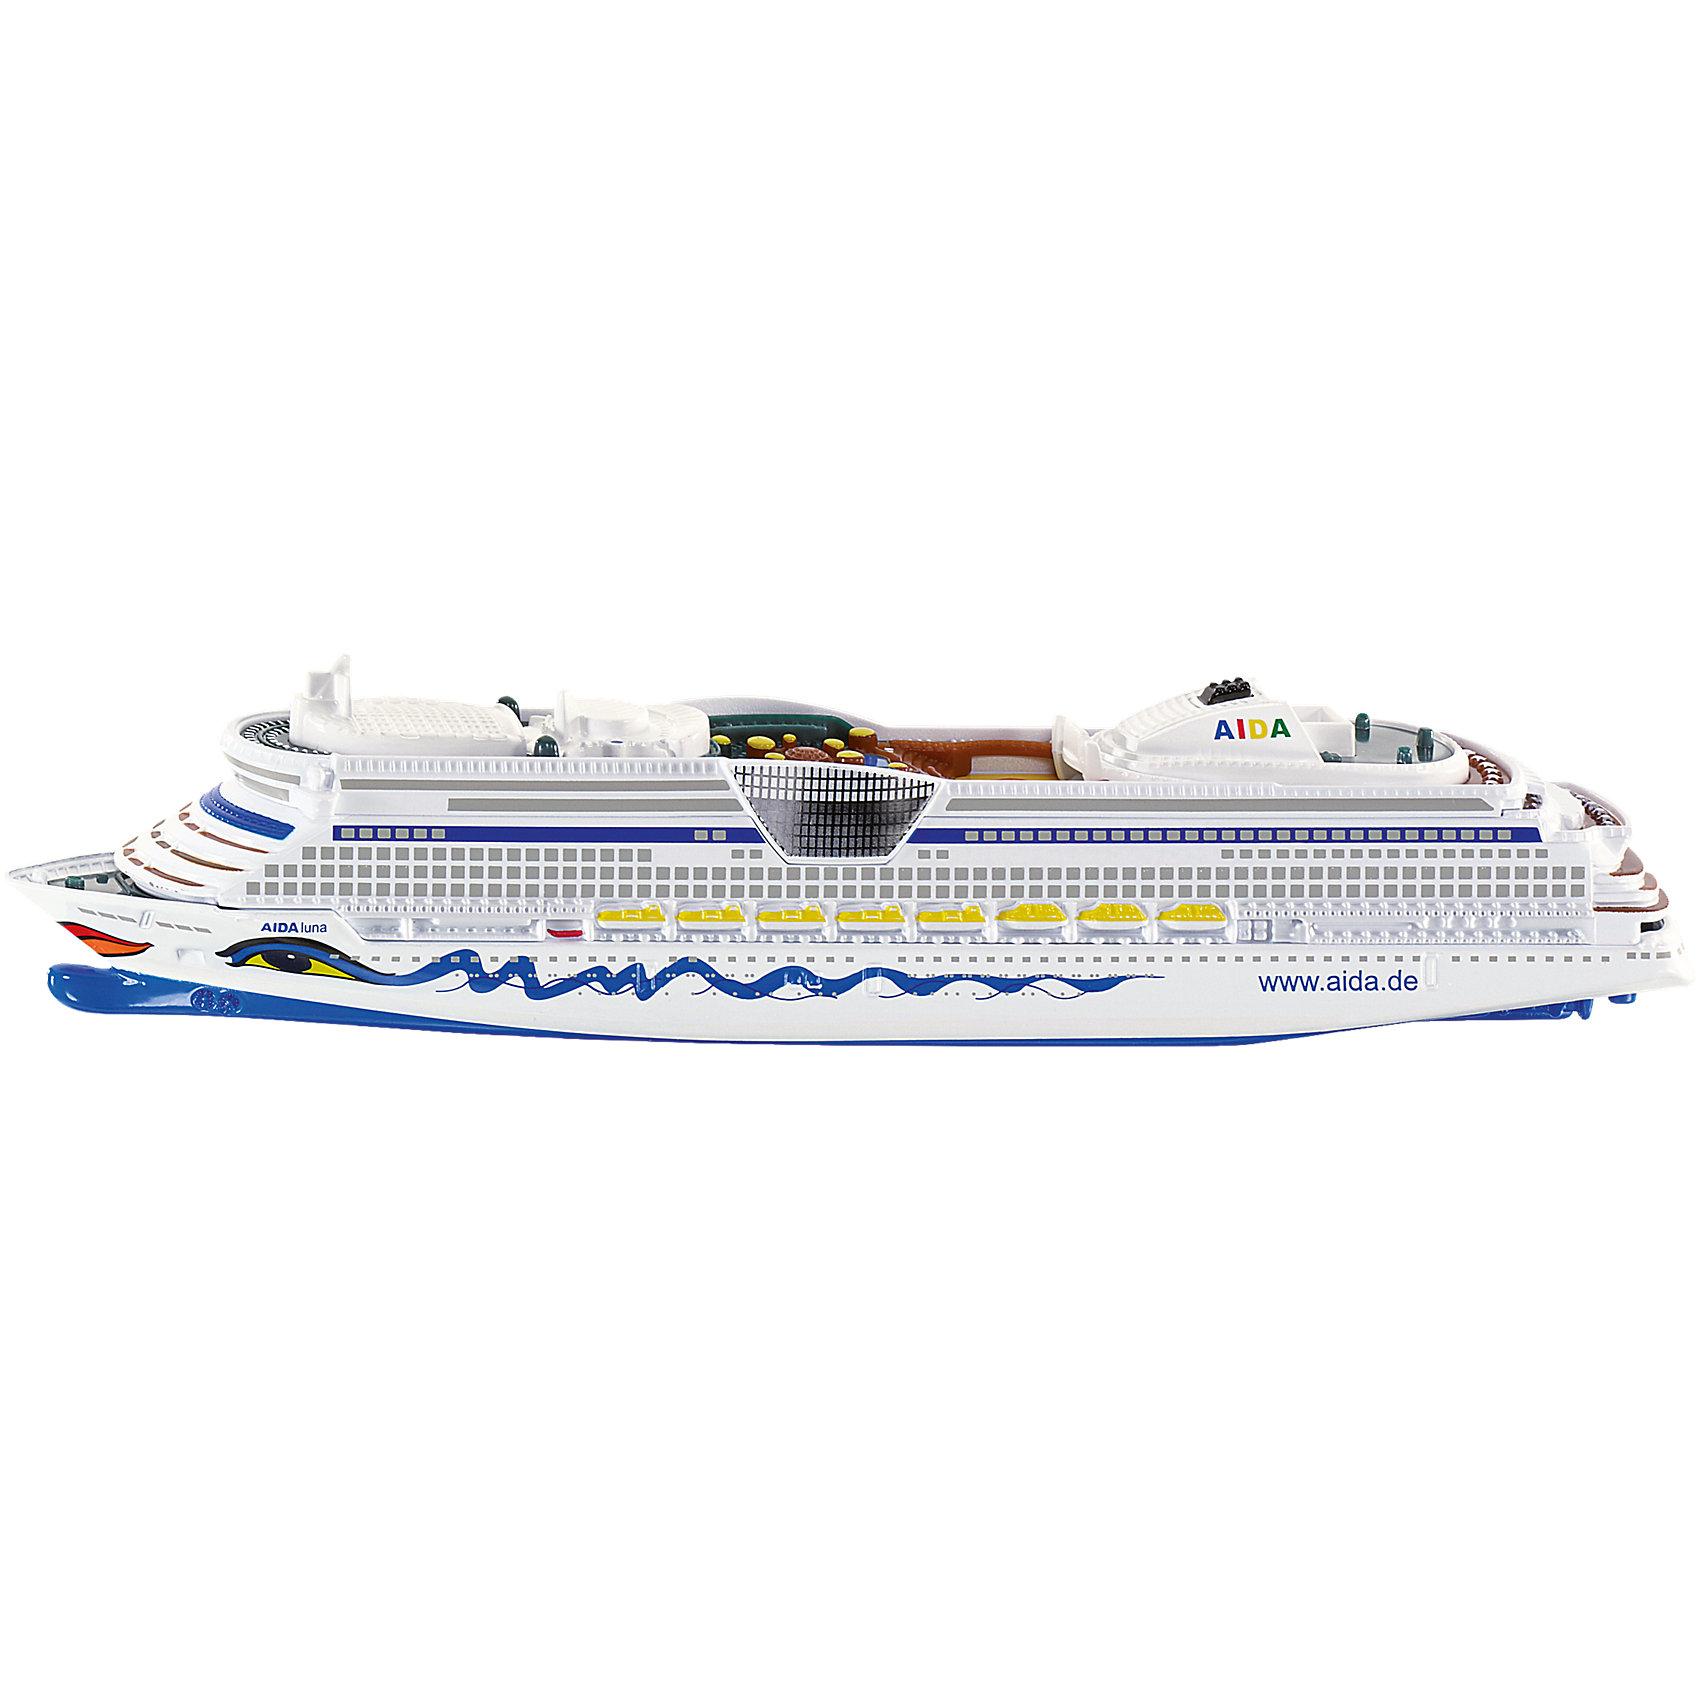 SIKU 1720 Круизный лайнерКорабли и лодки<br>SIKU (СИКУ) 1720 Круизный лайнер выполнен в необычном для SIKU (СИКУ) масштабе 1:1400 и отличается подходящим для детей размером.<br><br>Эта уменьшенная копия 250-метрового лайнера AIDALuna, который совершает путешествия по Балтийскому и Северному морям, а так же выходит в Атлантический океан. Днище выполнено из металла, а корпус корабля из ударопрочной пластмассы с очень тщательной проработкой деталей. Раскраска модели соответствует оригинальной. Модель не предназначена для пускания по воде.<br><br>Дополнительная информация:<br>-Размеры: 18.2 x 2.3 x 3.8 см<br>-Материал: металл с элементами пластмассы<br><br>Модель круизного лайнера обязательно понравится мальчикам!<br><br>SIKU (СИКУ) 1720 Круизный лайнер можно купить в нашем магазине.<br><br>Ширина мм: 234<br>Глубина мм: 76<br>Высота мм: 53<br>Вес г: 125<br>Возраст от месяцев: 36<br>Возраст до месяцев: 96<br>Пол: Мужской<br>Возраст: Детский<br>SKU: 1999748